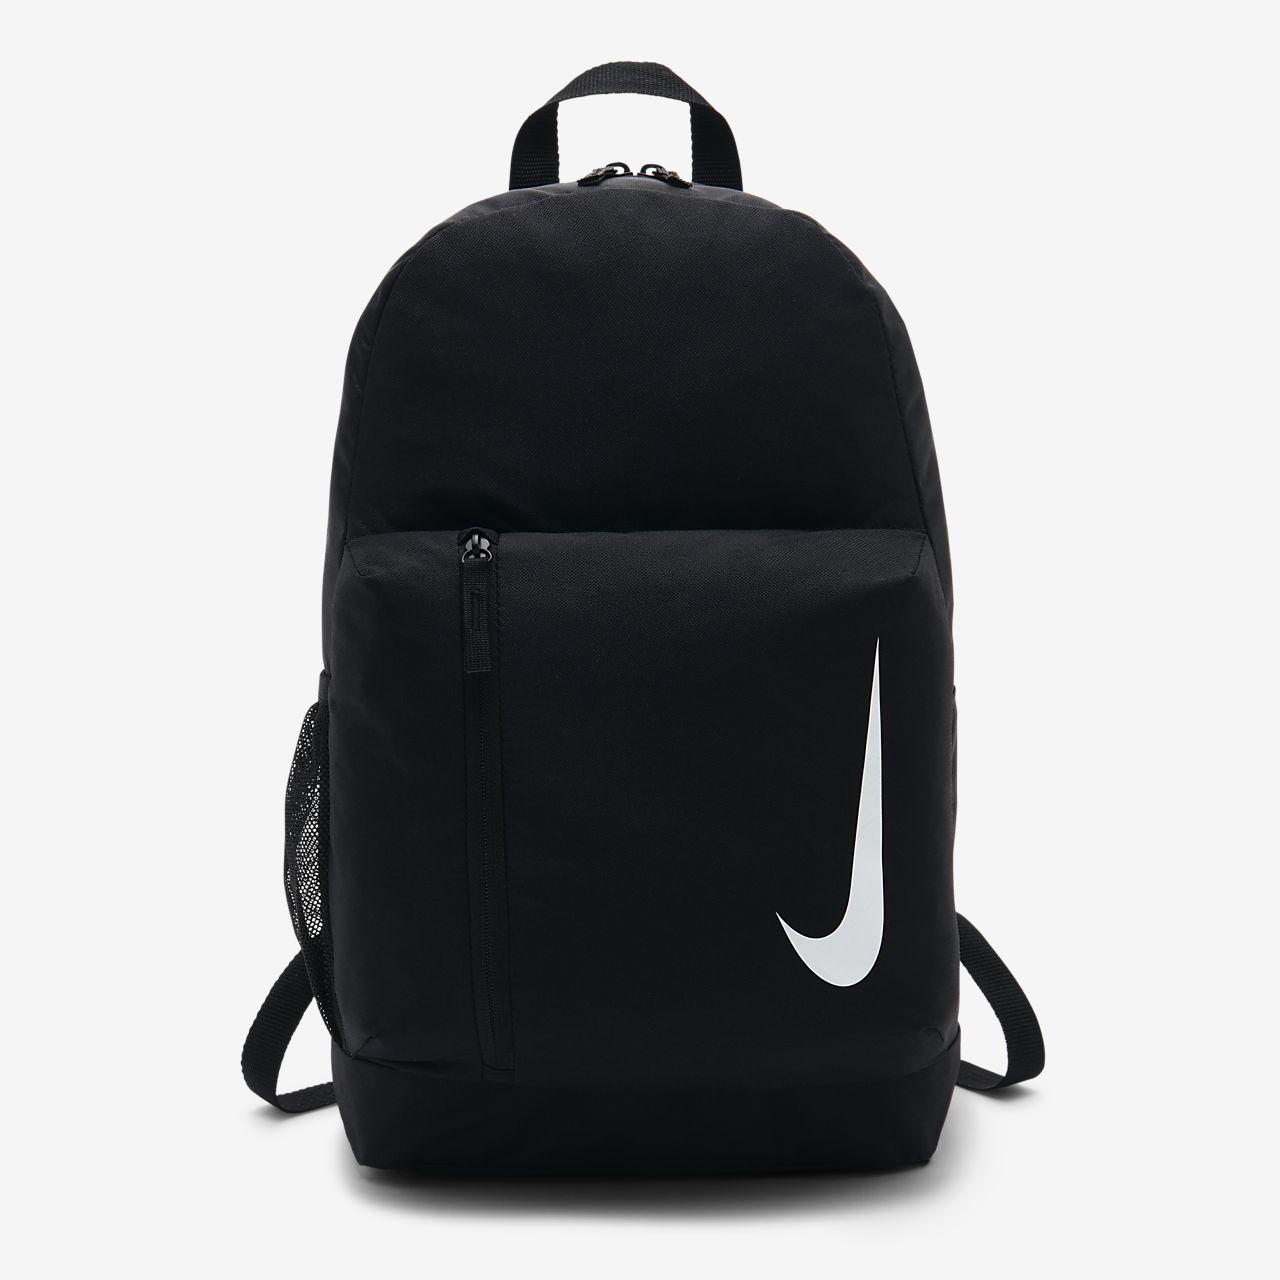 Nike Academy Team-fodboldrygsæk til børn